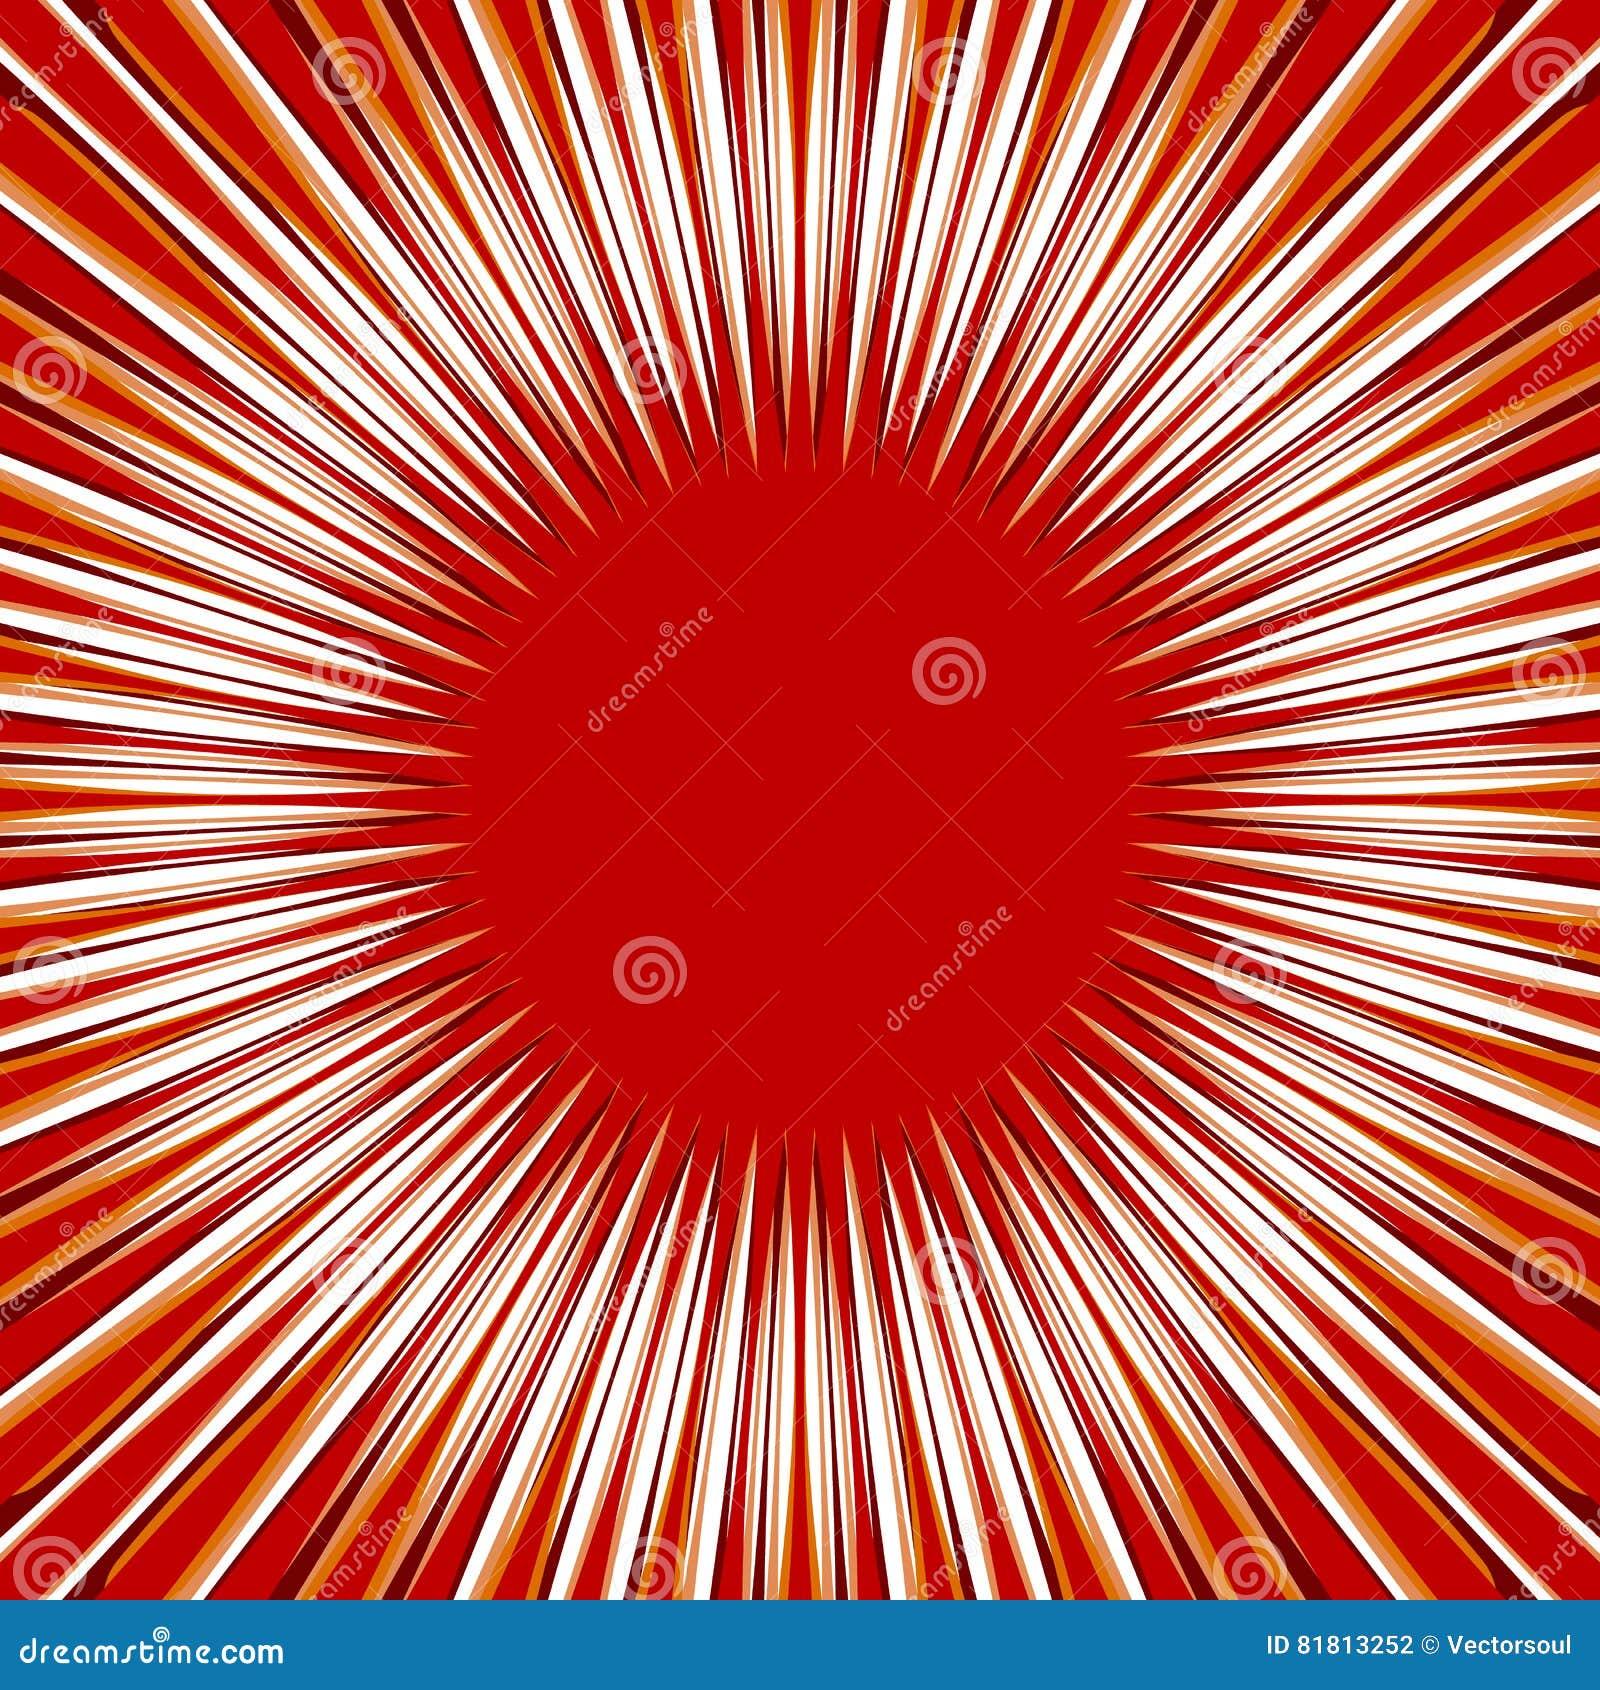 Радиальные линии, лучи, испускают лучи круговая картина Sunburst, starburst